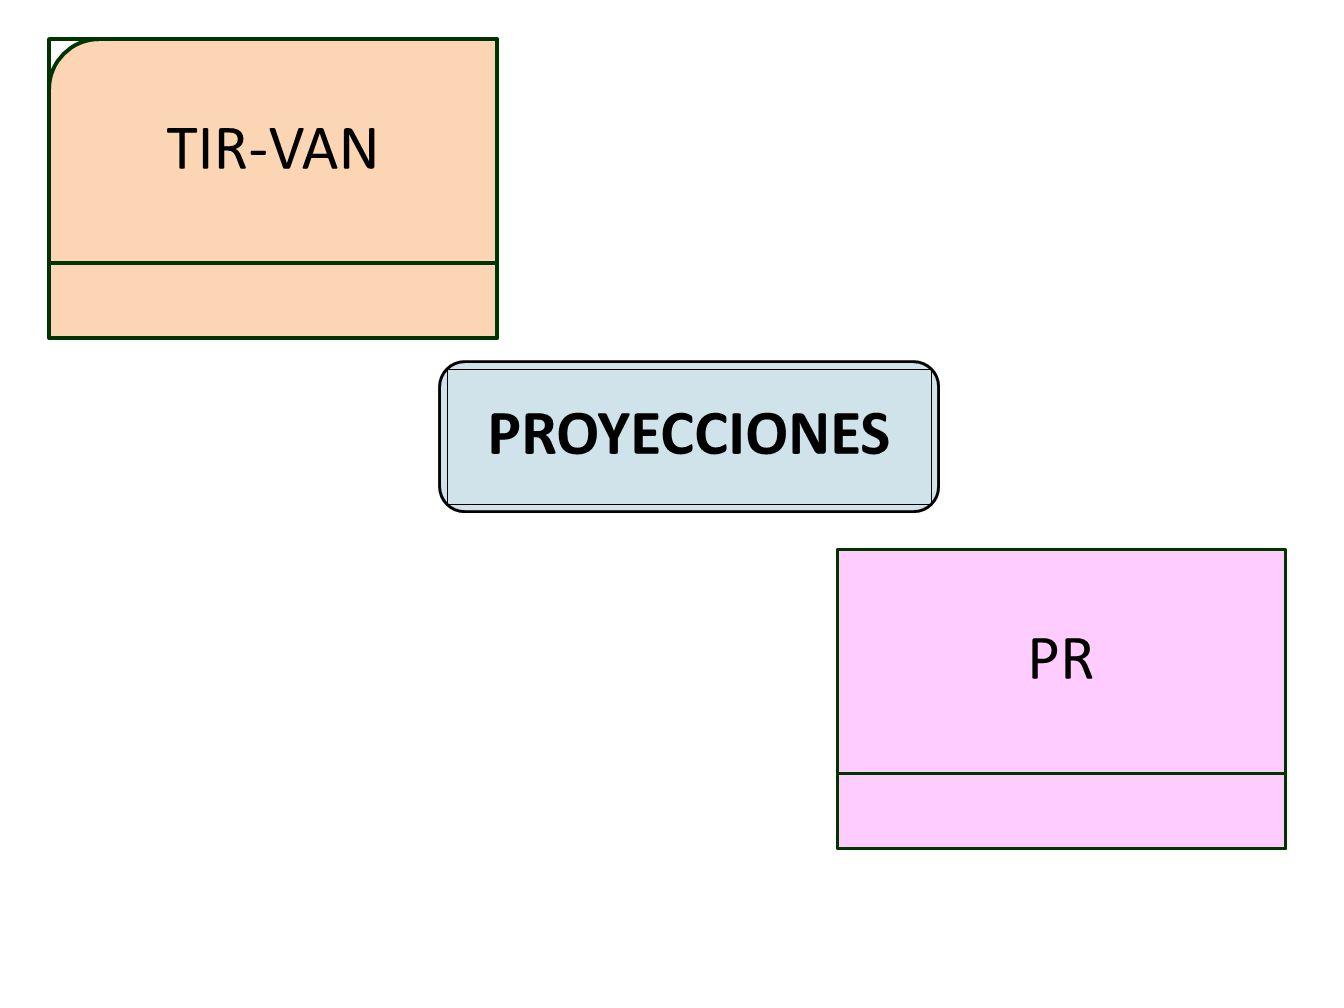 TIR-VAN PR PROYECCIONES